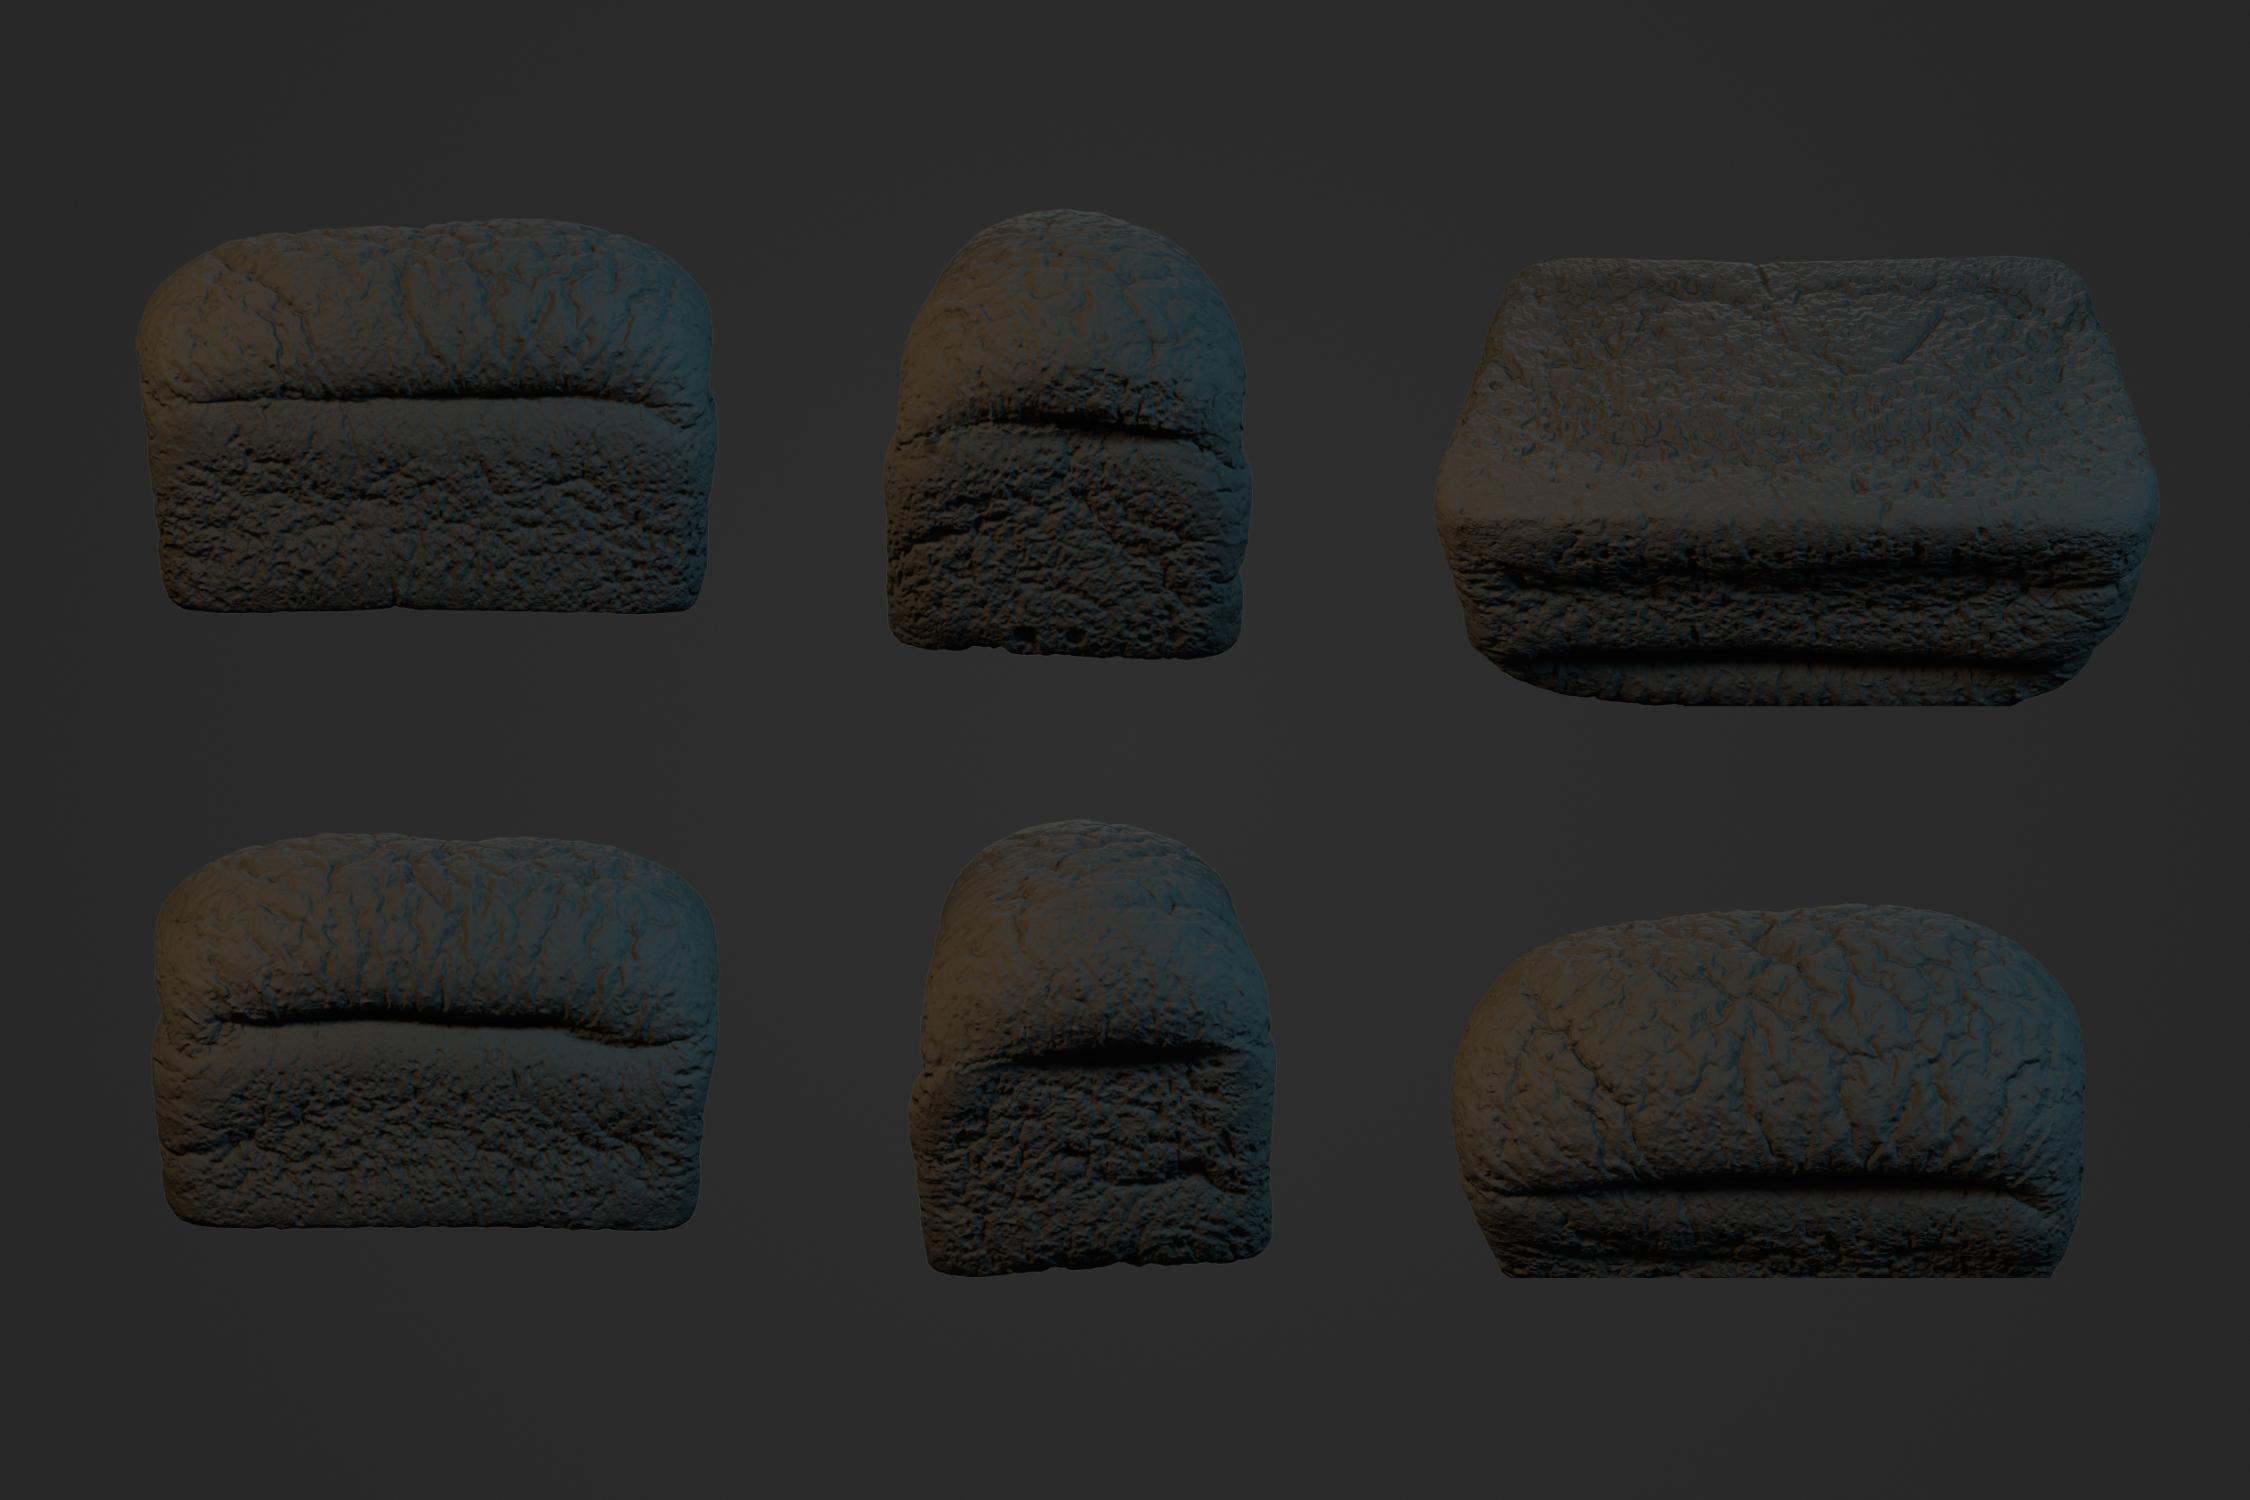 Brown_Bread_Loaf_1_0.jpg